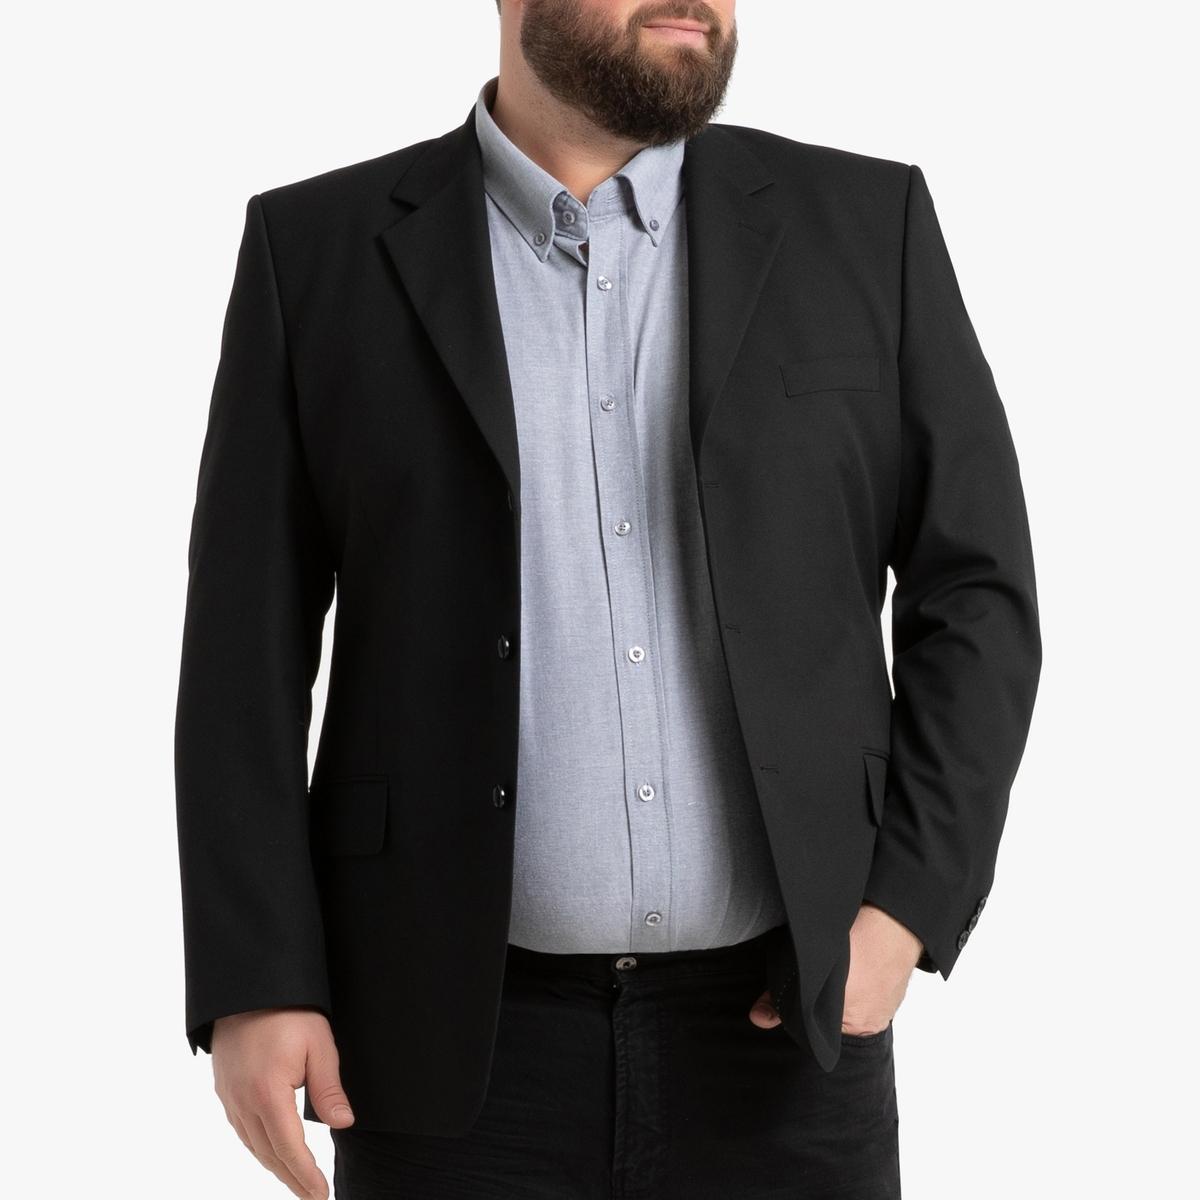 Фото - Пиджак LaRedoute Костюмный прямого покроя на рост от 176 до 187 см 76 черный юбка laredoute джинсовая прямого покроя xs синий